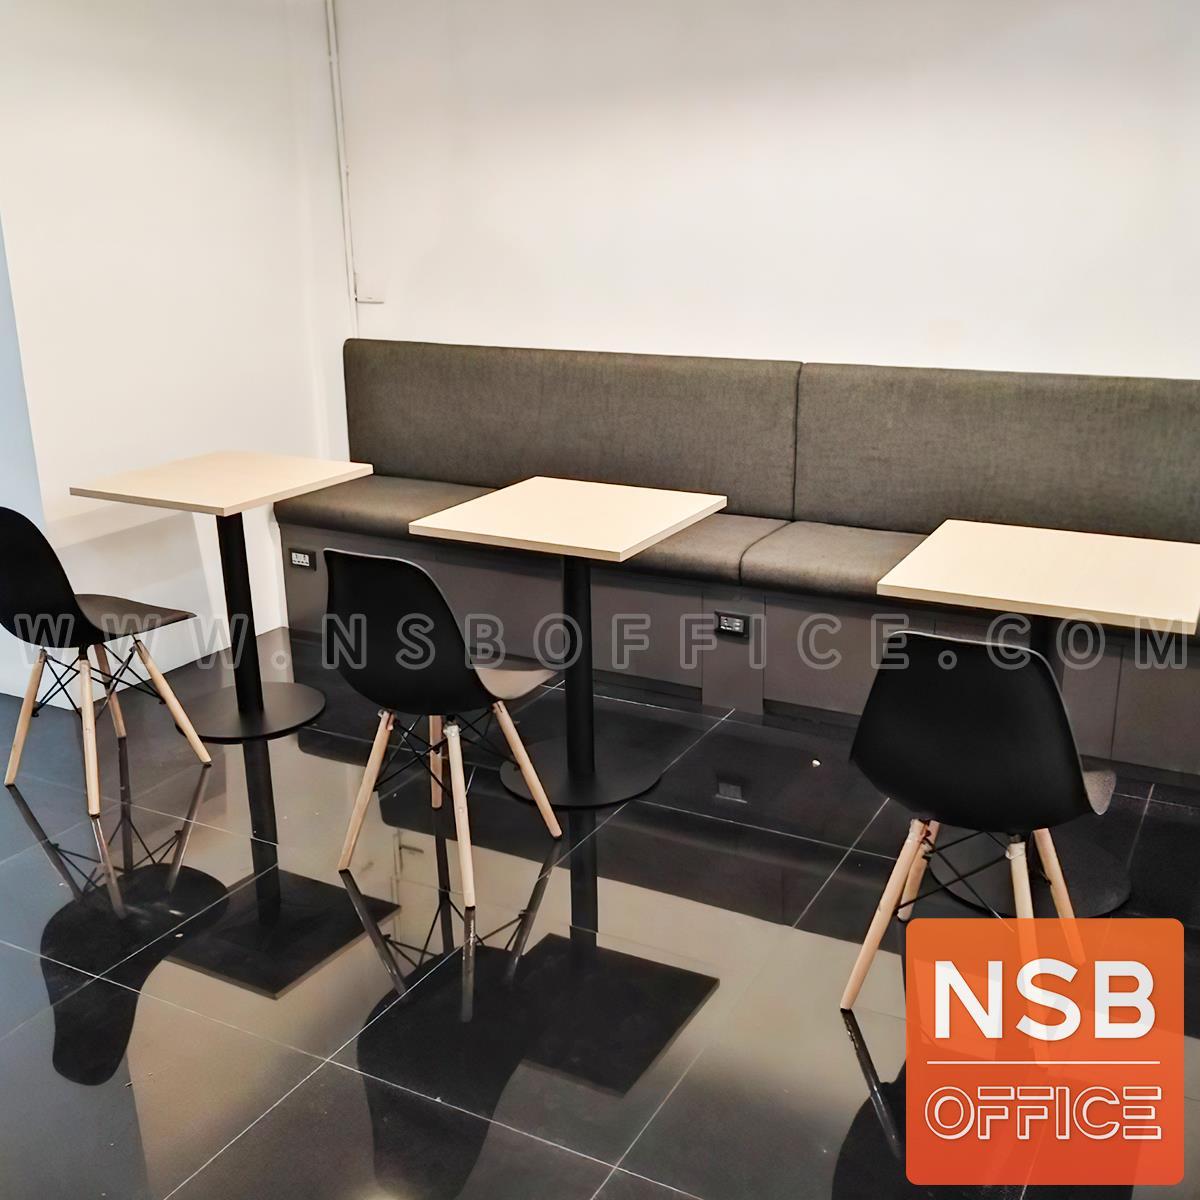 โต๊ะบาร์ COFFEE รุ่น Astrid (แอสตริด) ขนาด 60W ,70W ,80W ,60Di ,70Di ,80Di cm.   ขาเหล็กฐานกลมแบนสีดำ